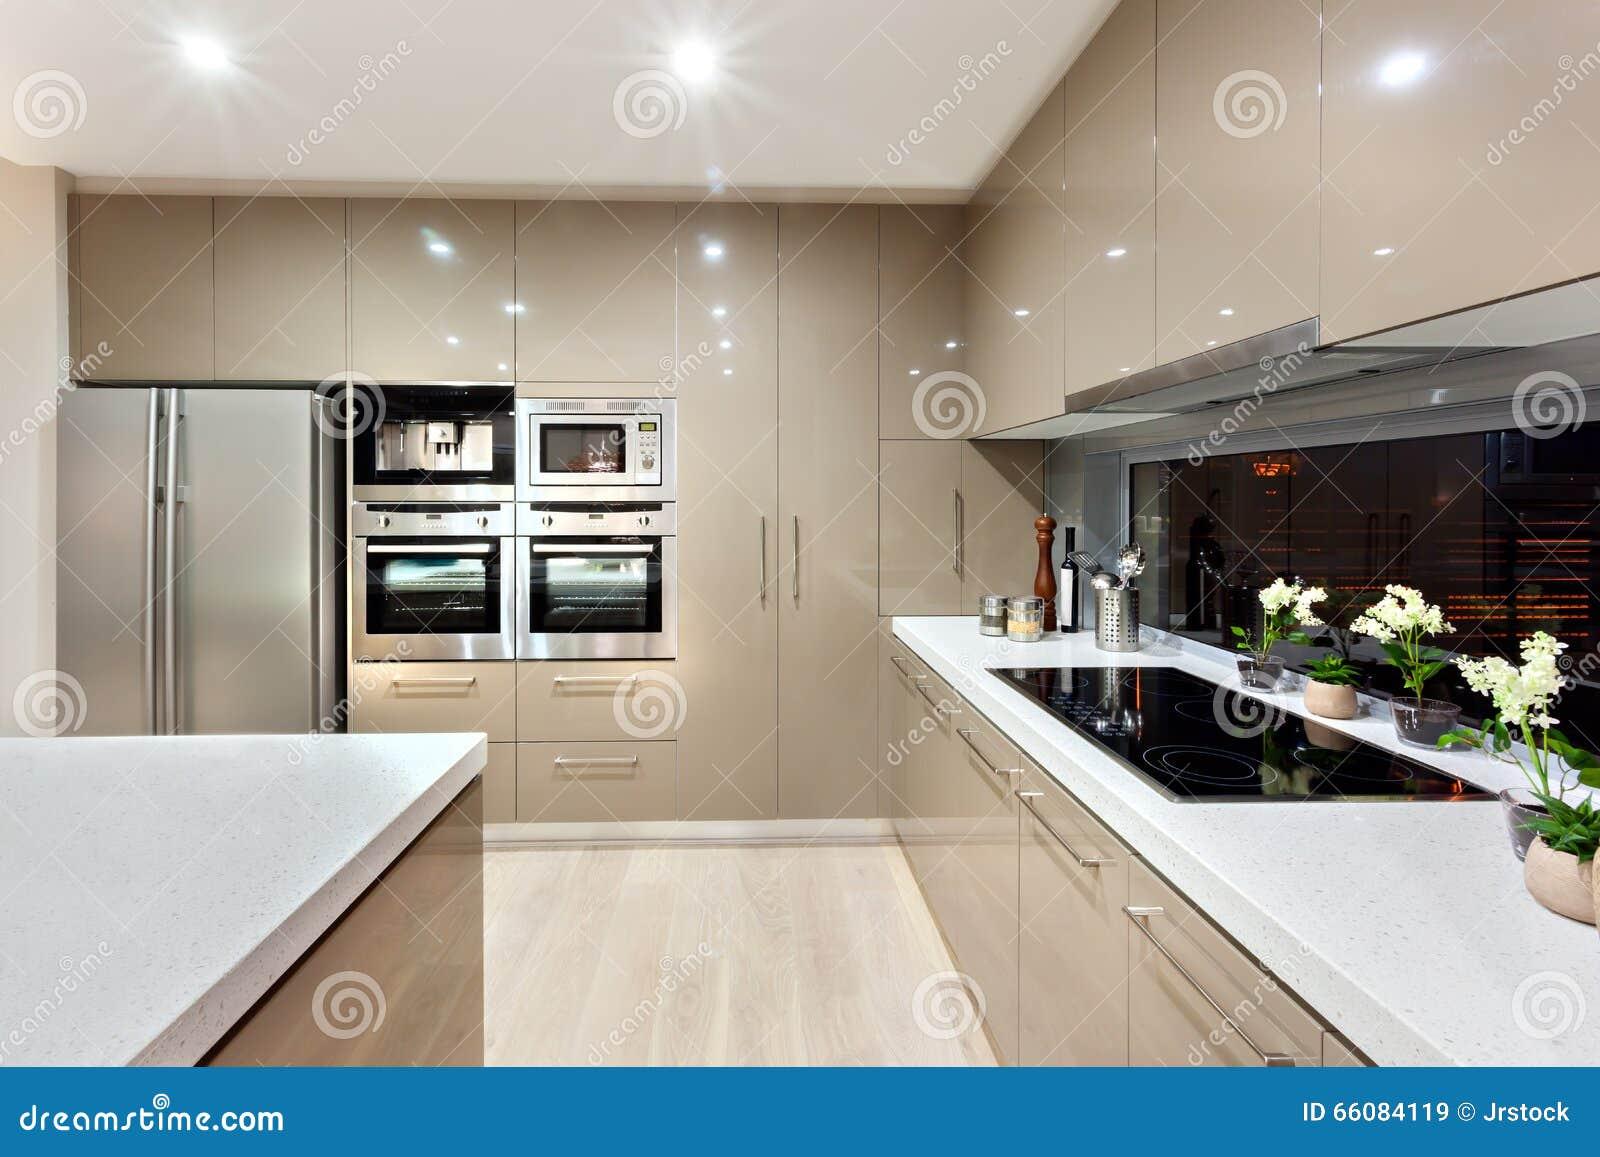 Innenraum Der Modernen Küche In Einem Luxushaus Stockbild - Bild von ...